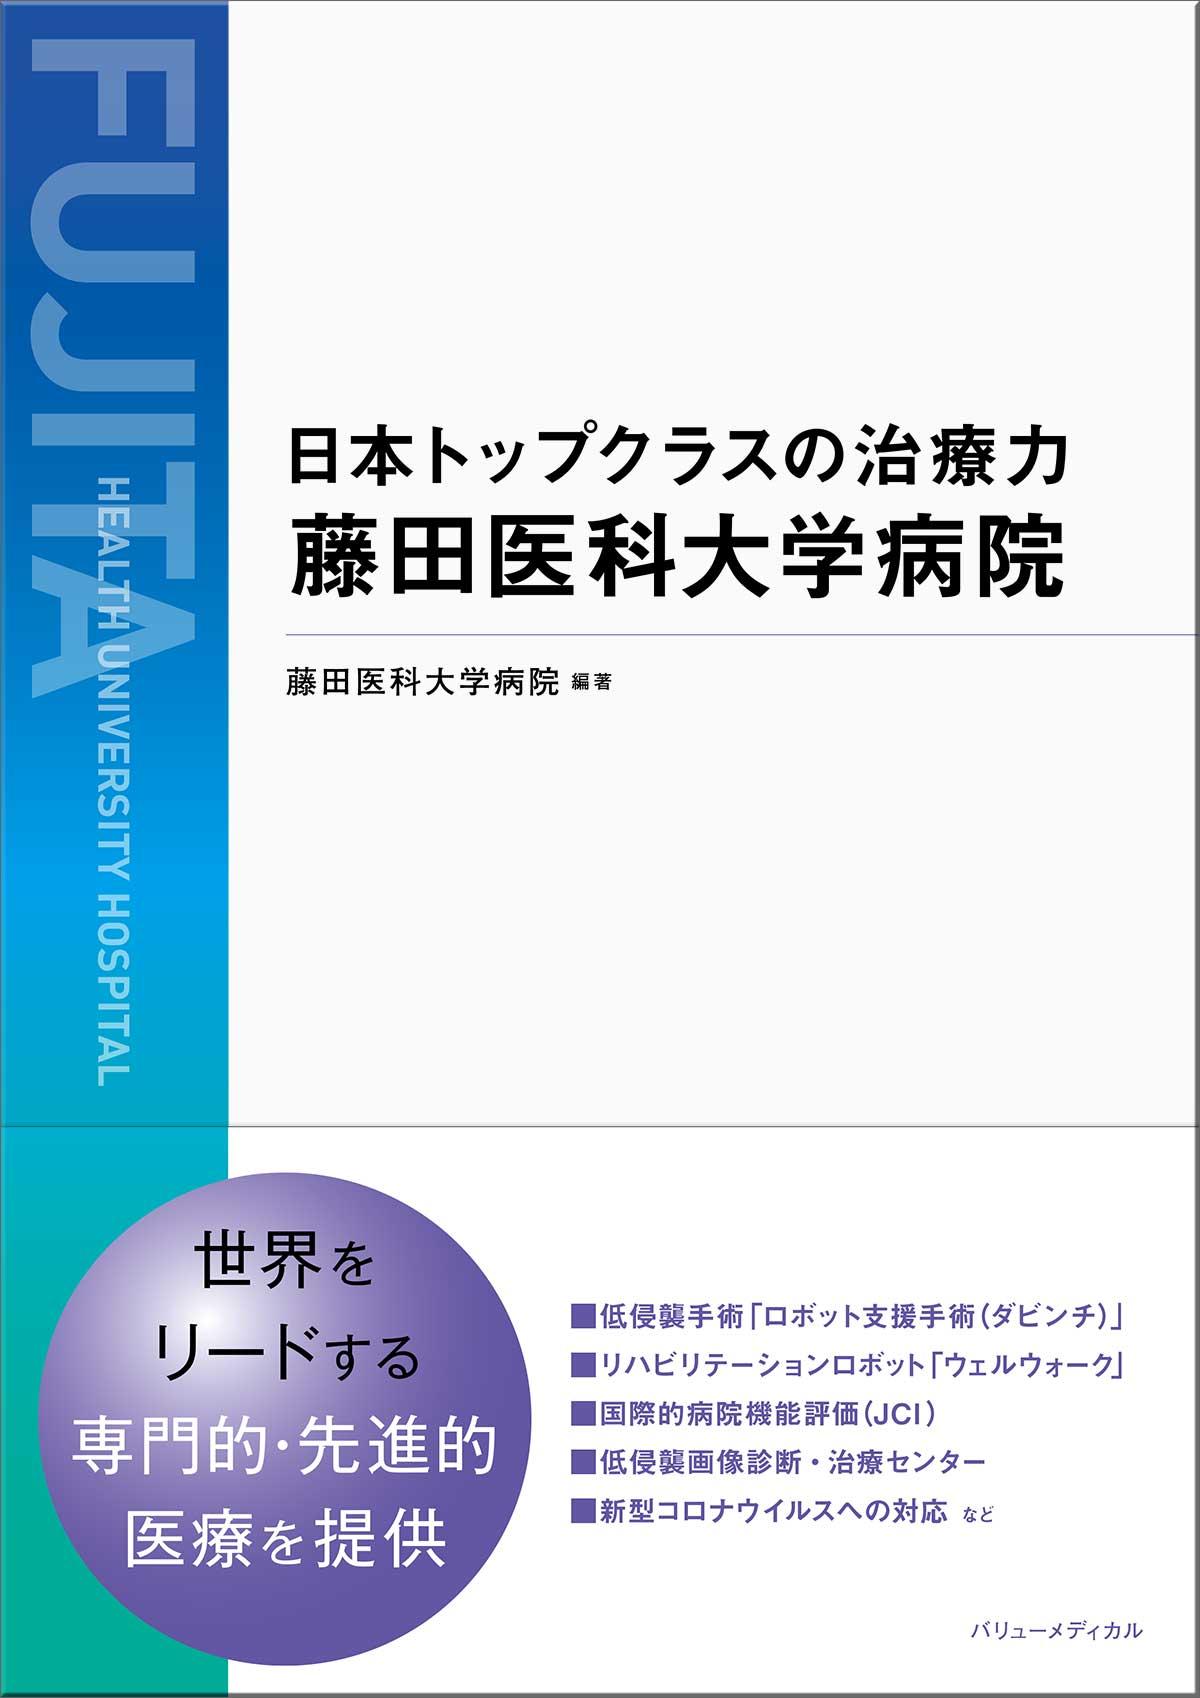 日本トップクラスの治療力 藤田医科大学病院